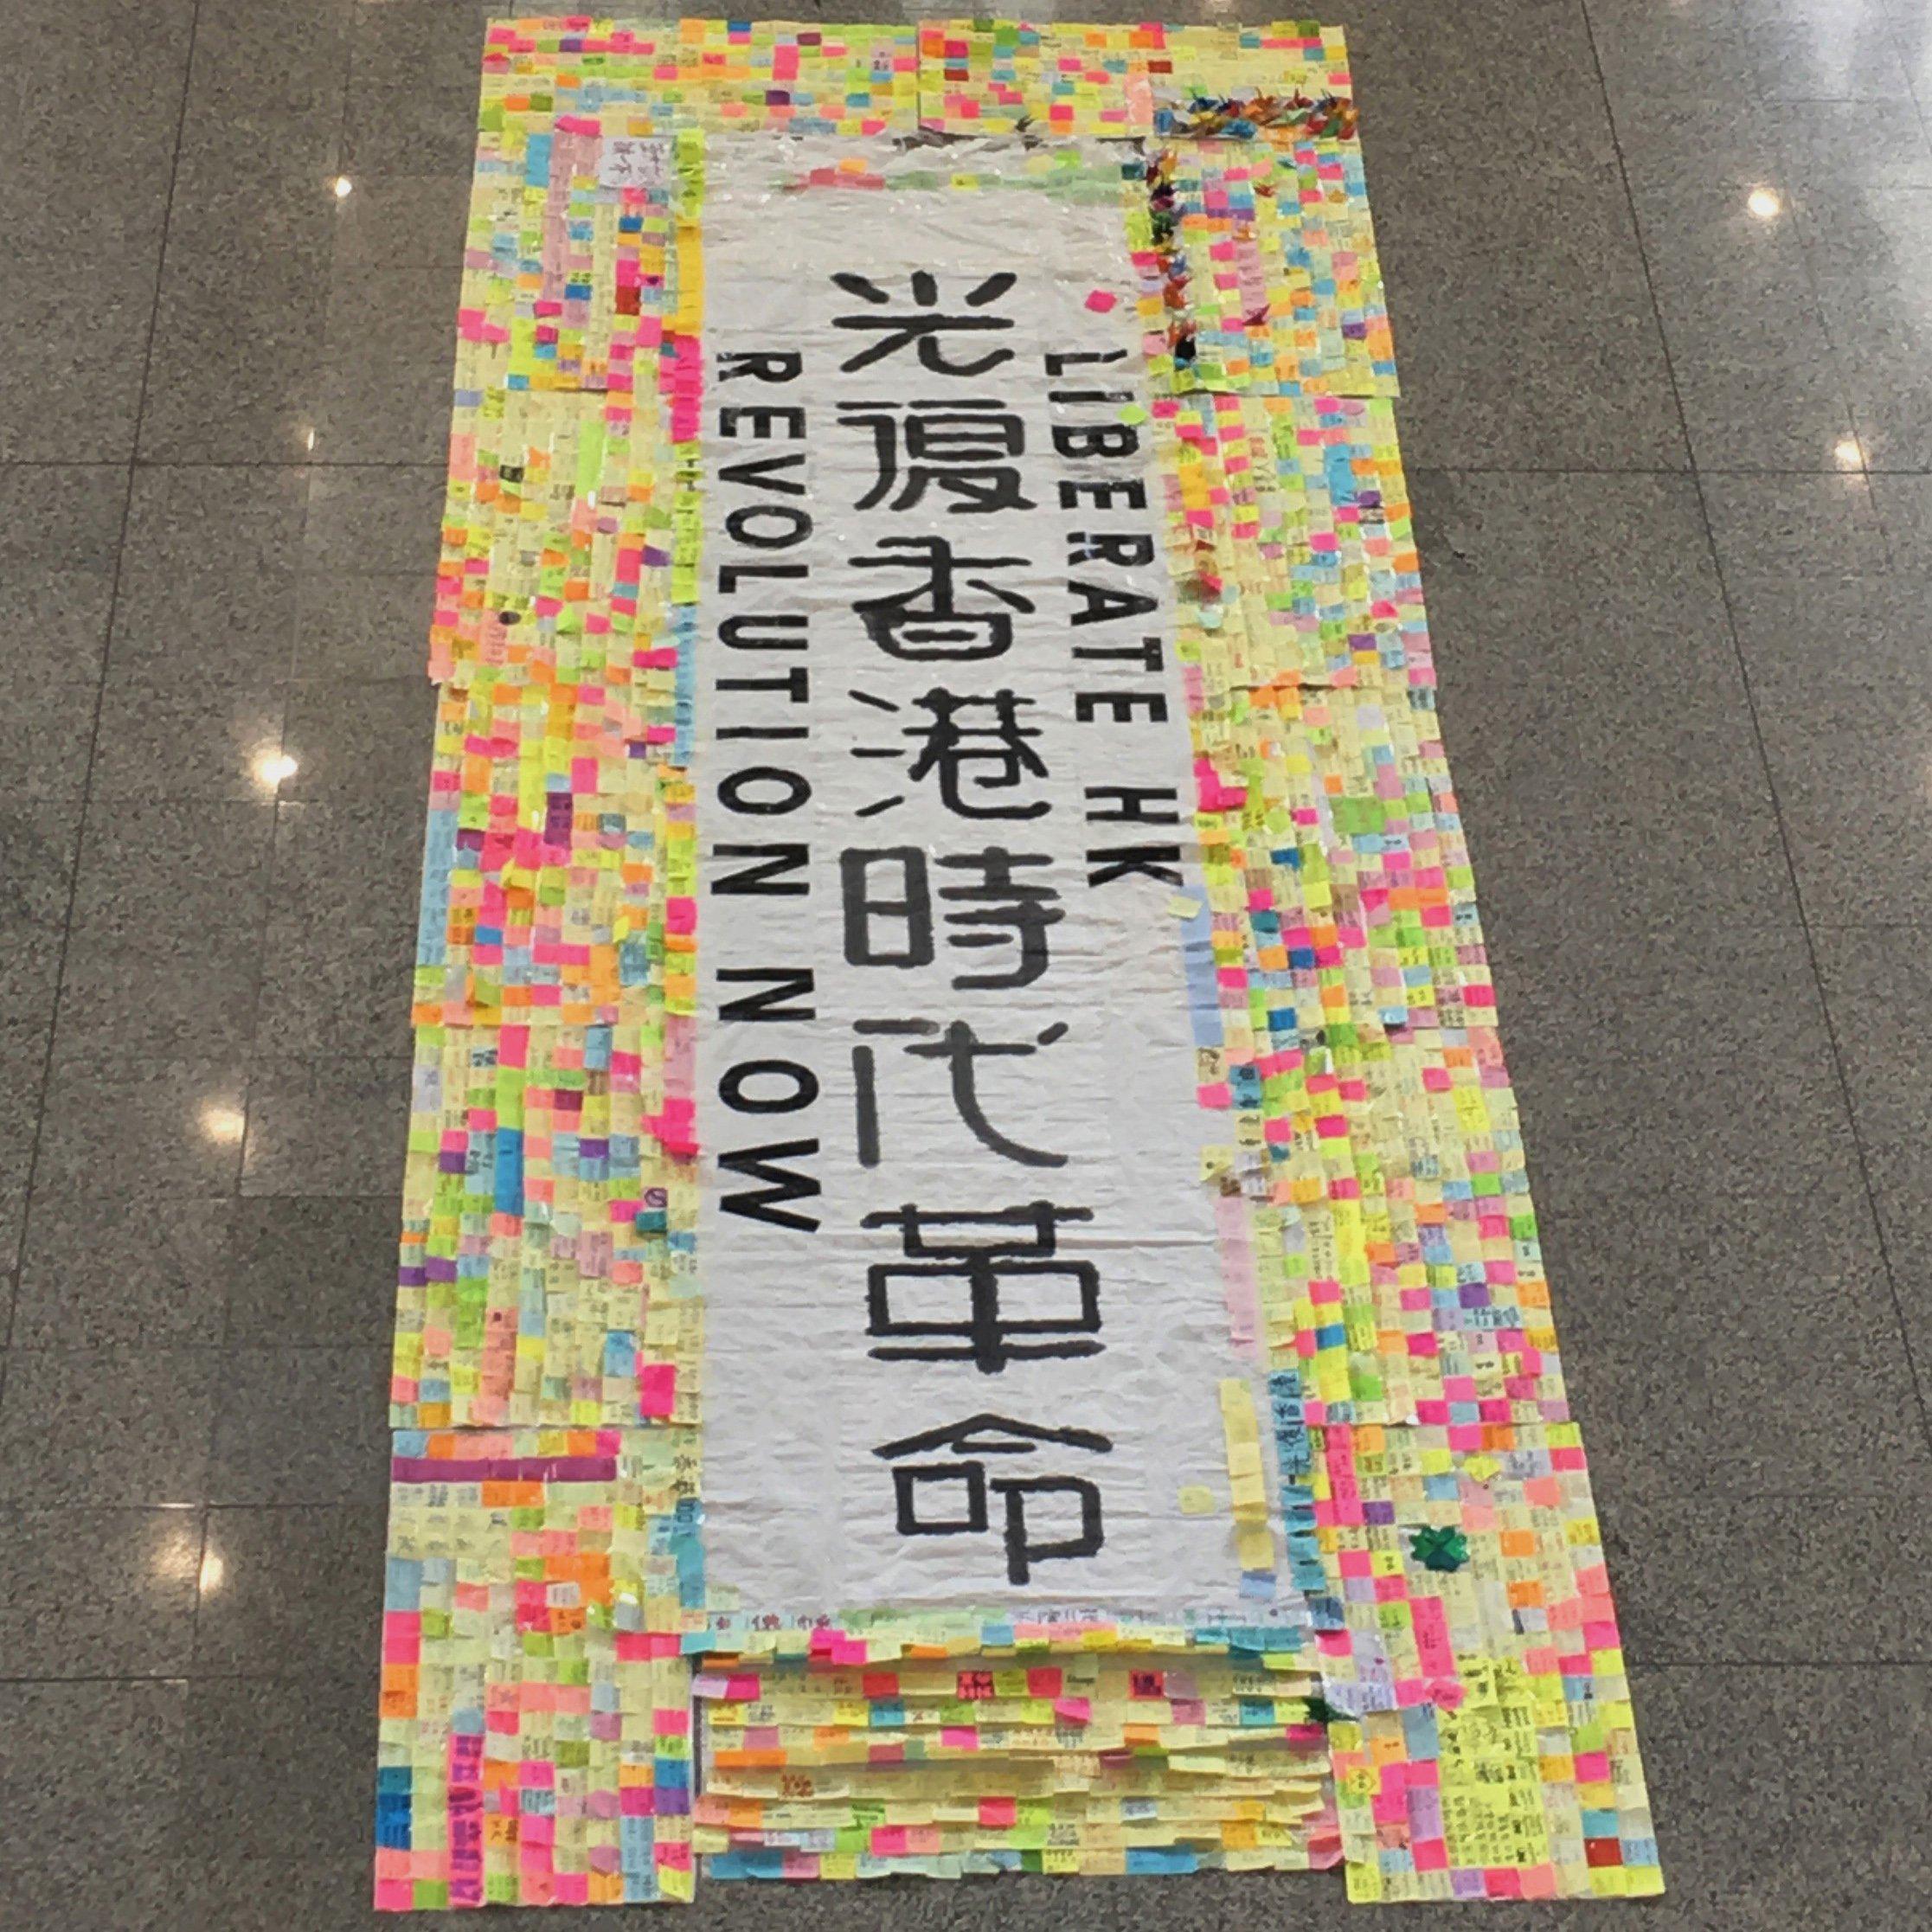 Lennon Wall at the Hong Kong International Airport.